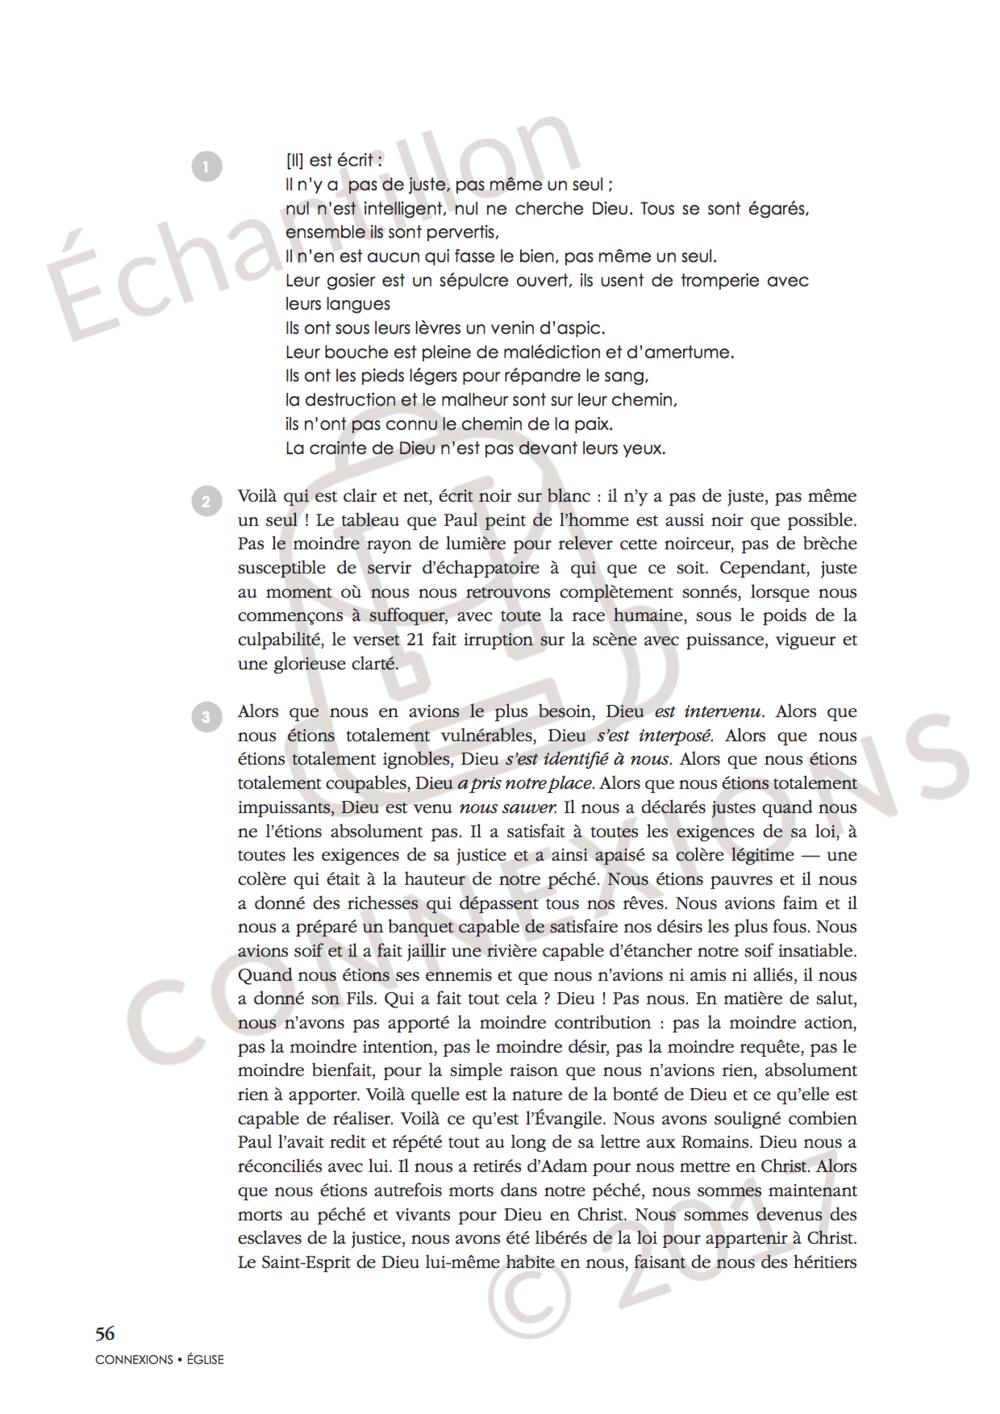 L'Évangile au cœur de la communauté_sample_published.4.png